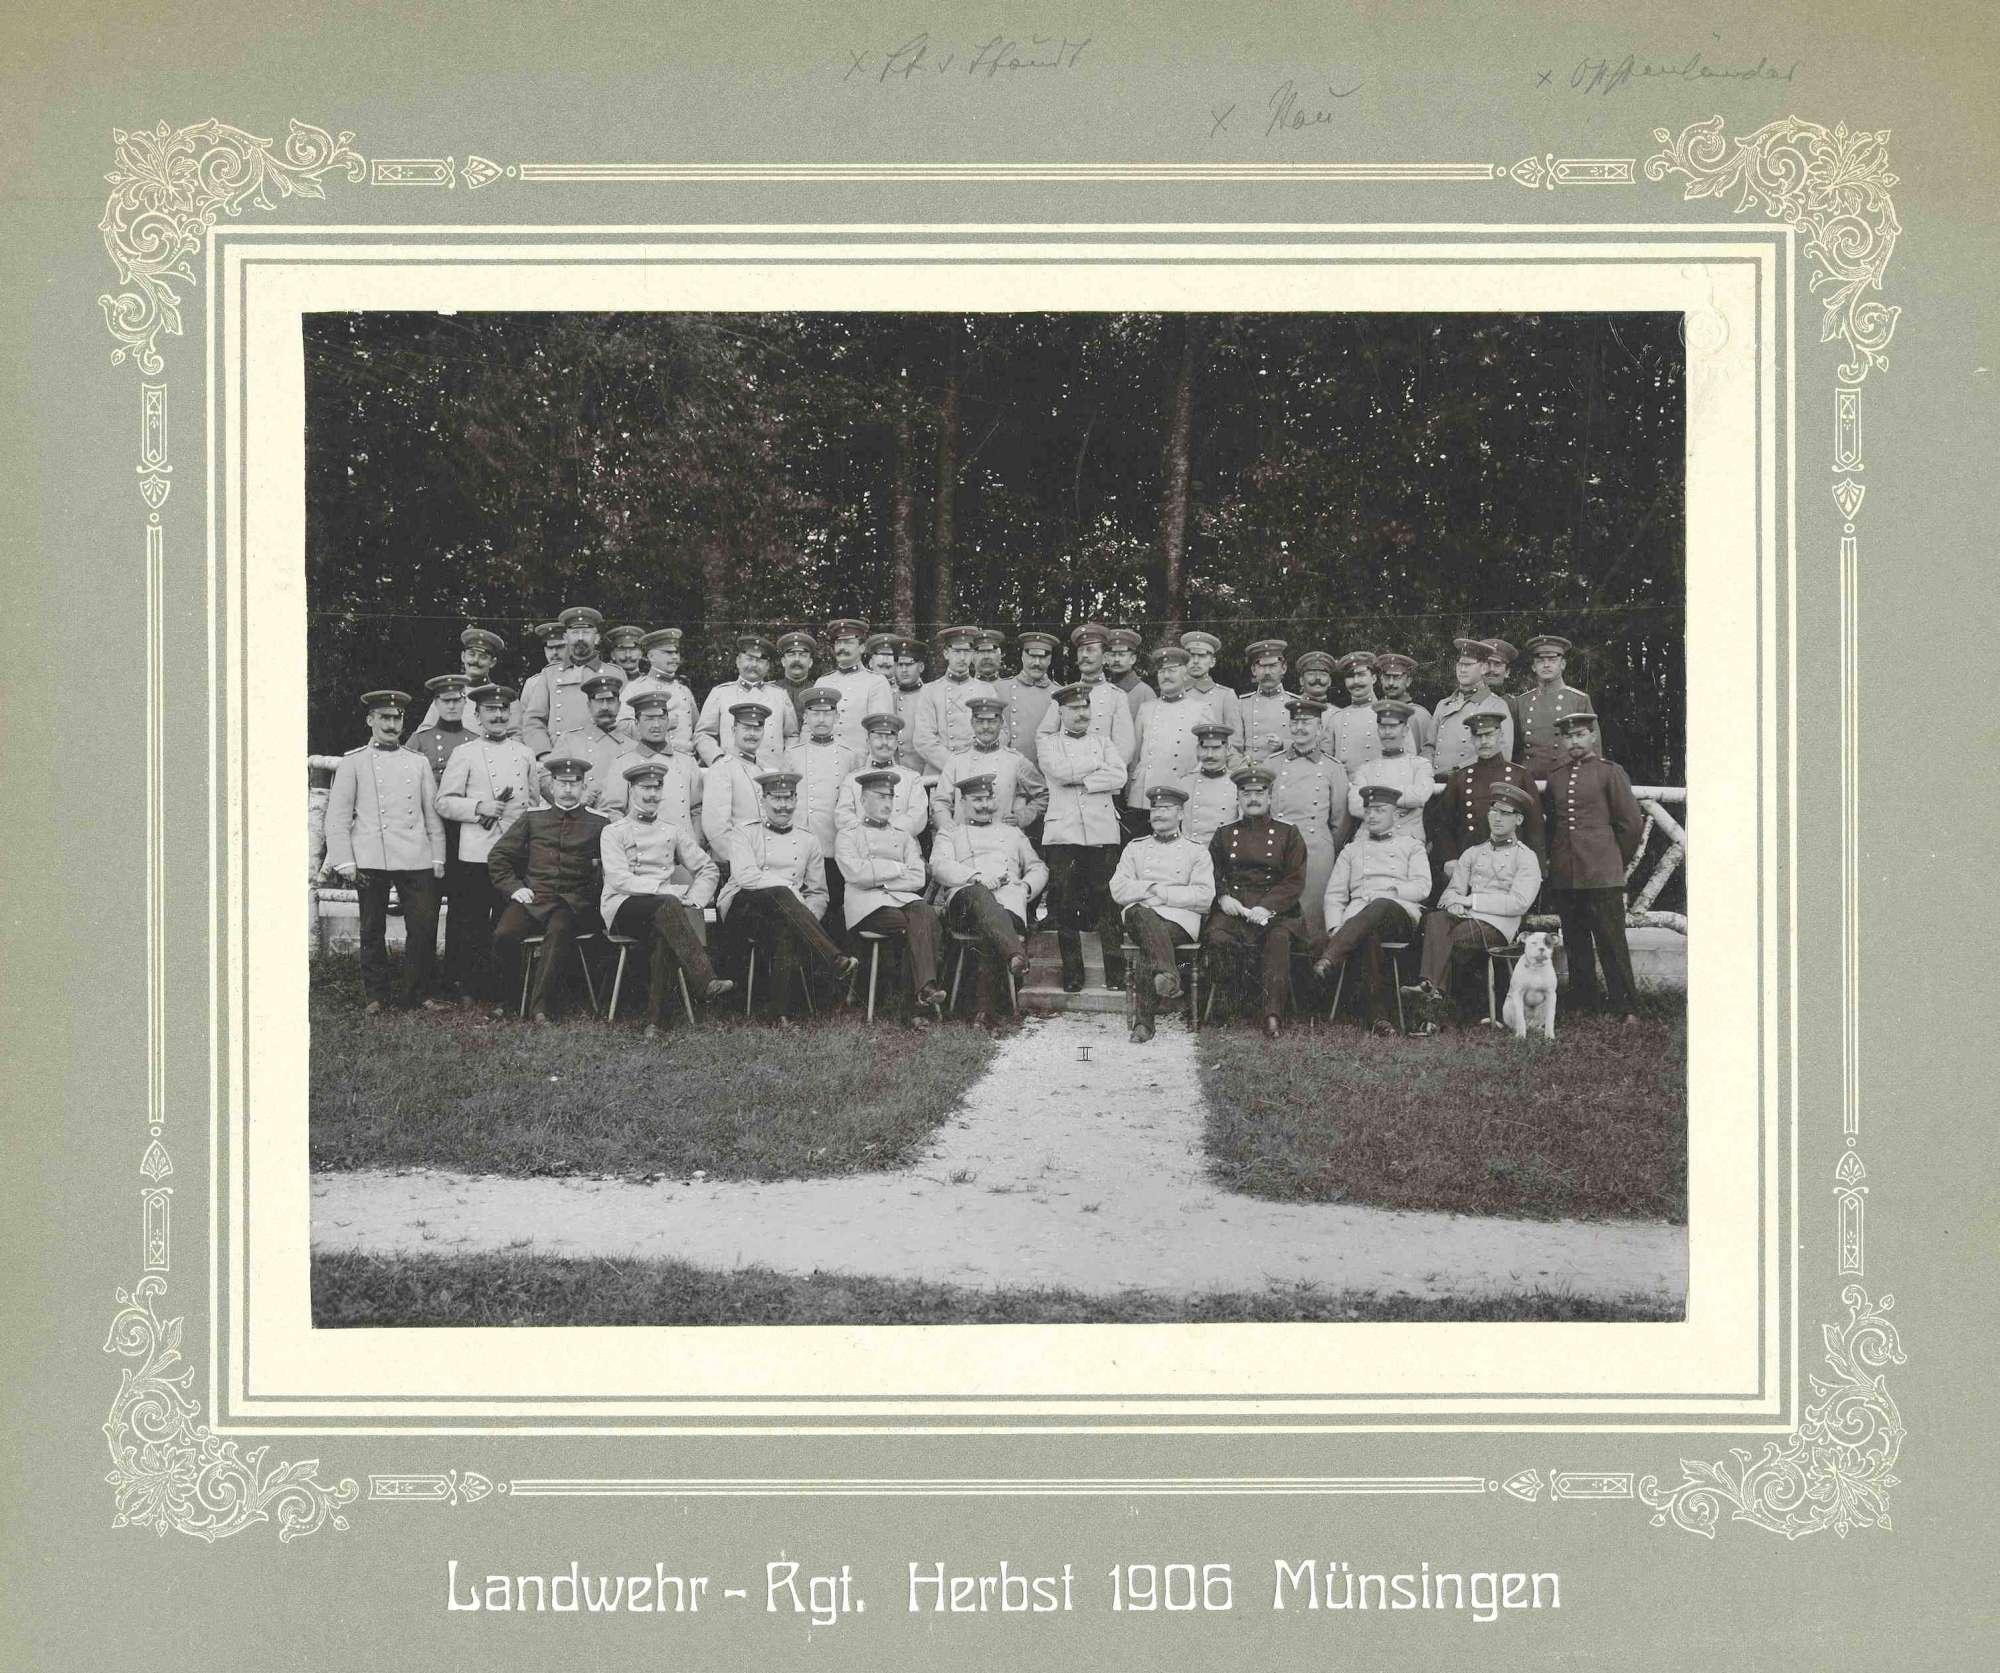 Friedrich von Staudt und Oppenländer, beide Leutnant, zusammen mit Offizieren (ca. achtundvierzig Personen) des Landwehr-Regiments teils stehend, teils sitzend vor Wald im Herbst 1906 in Münsingen, Bild 1